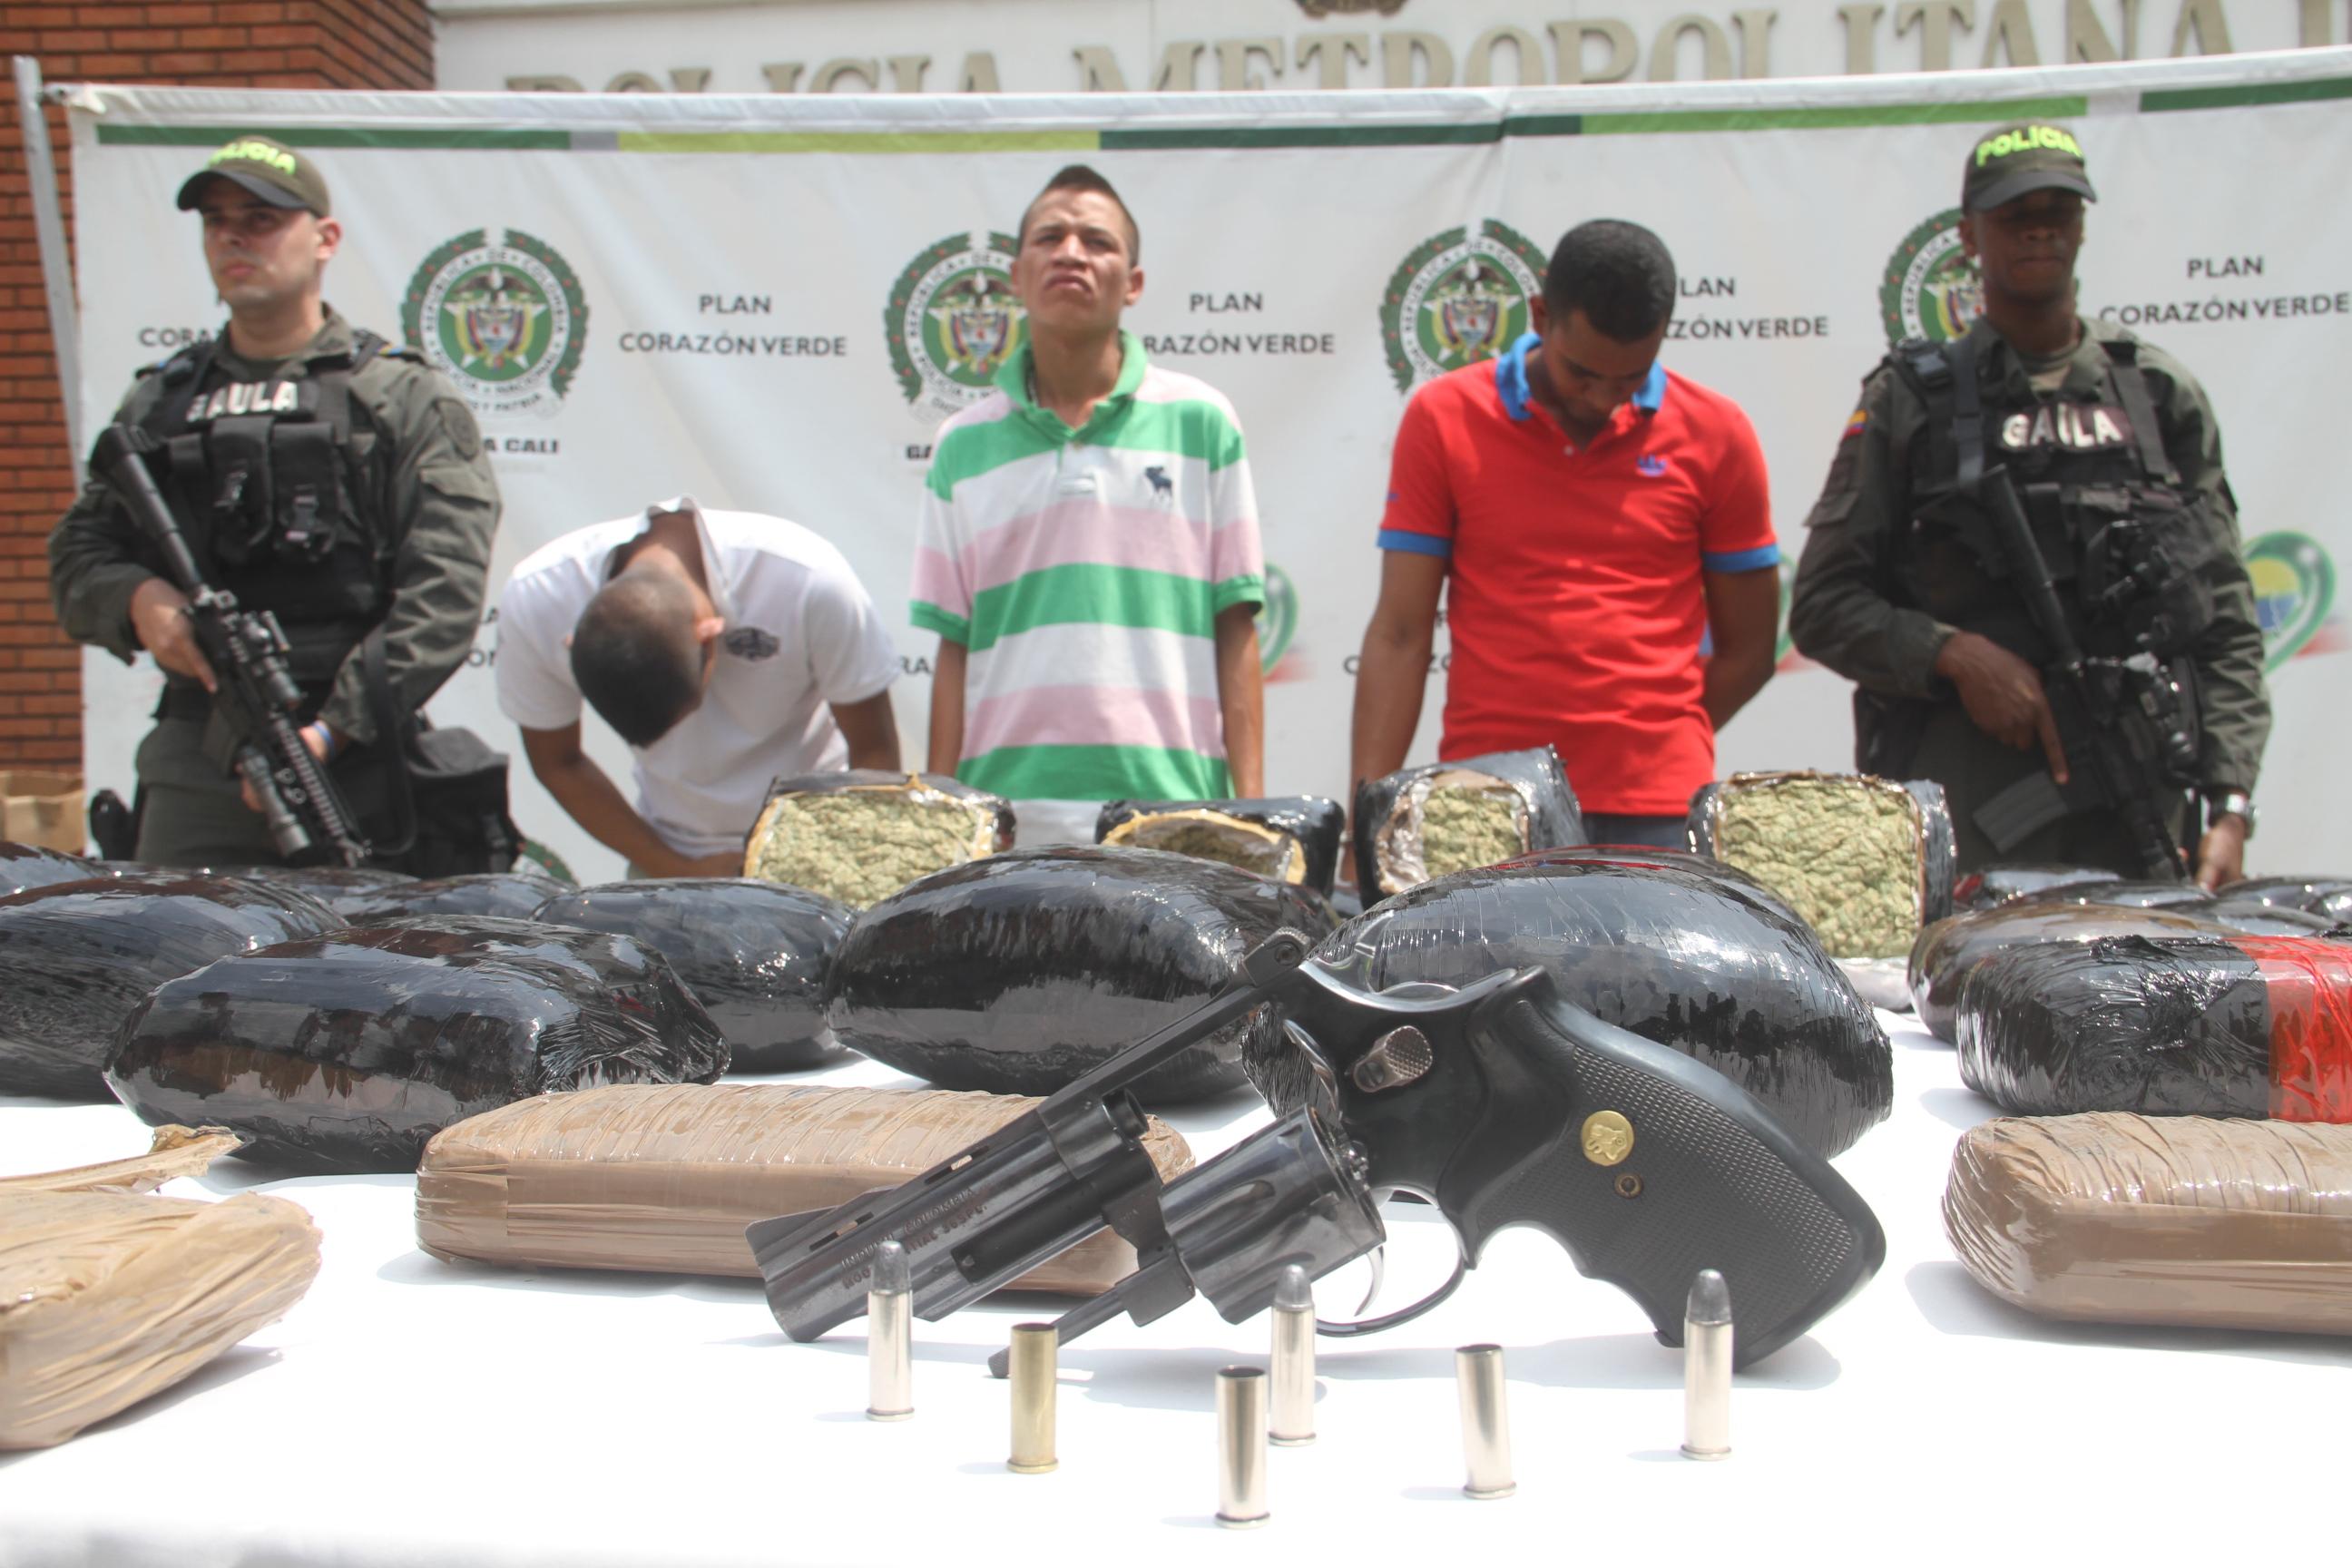 Gaula de la Policía captura banda delicuencial 'Los Chepe'